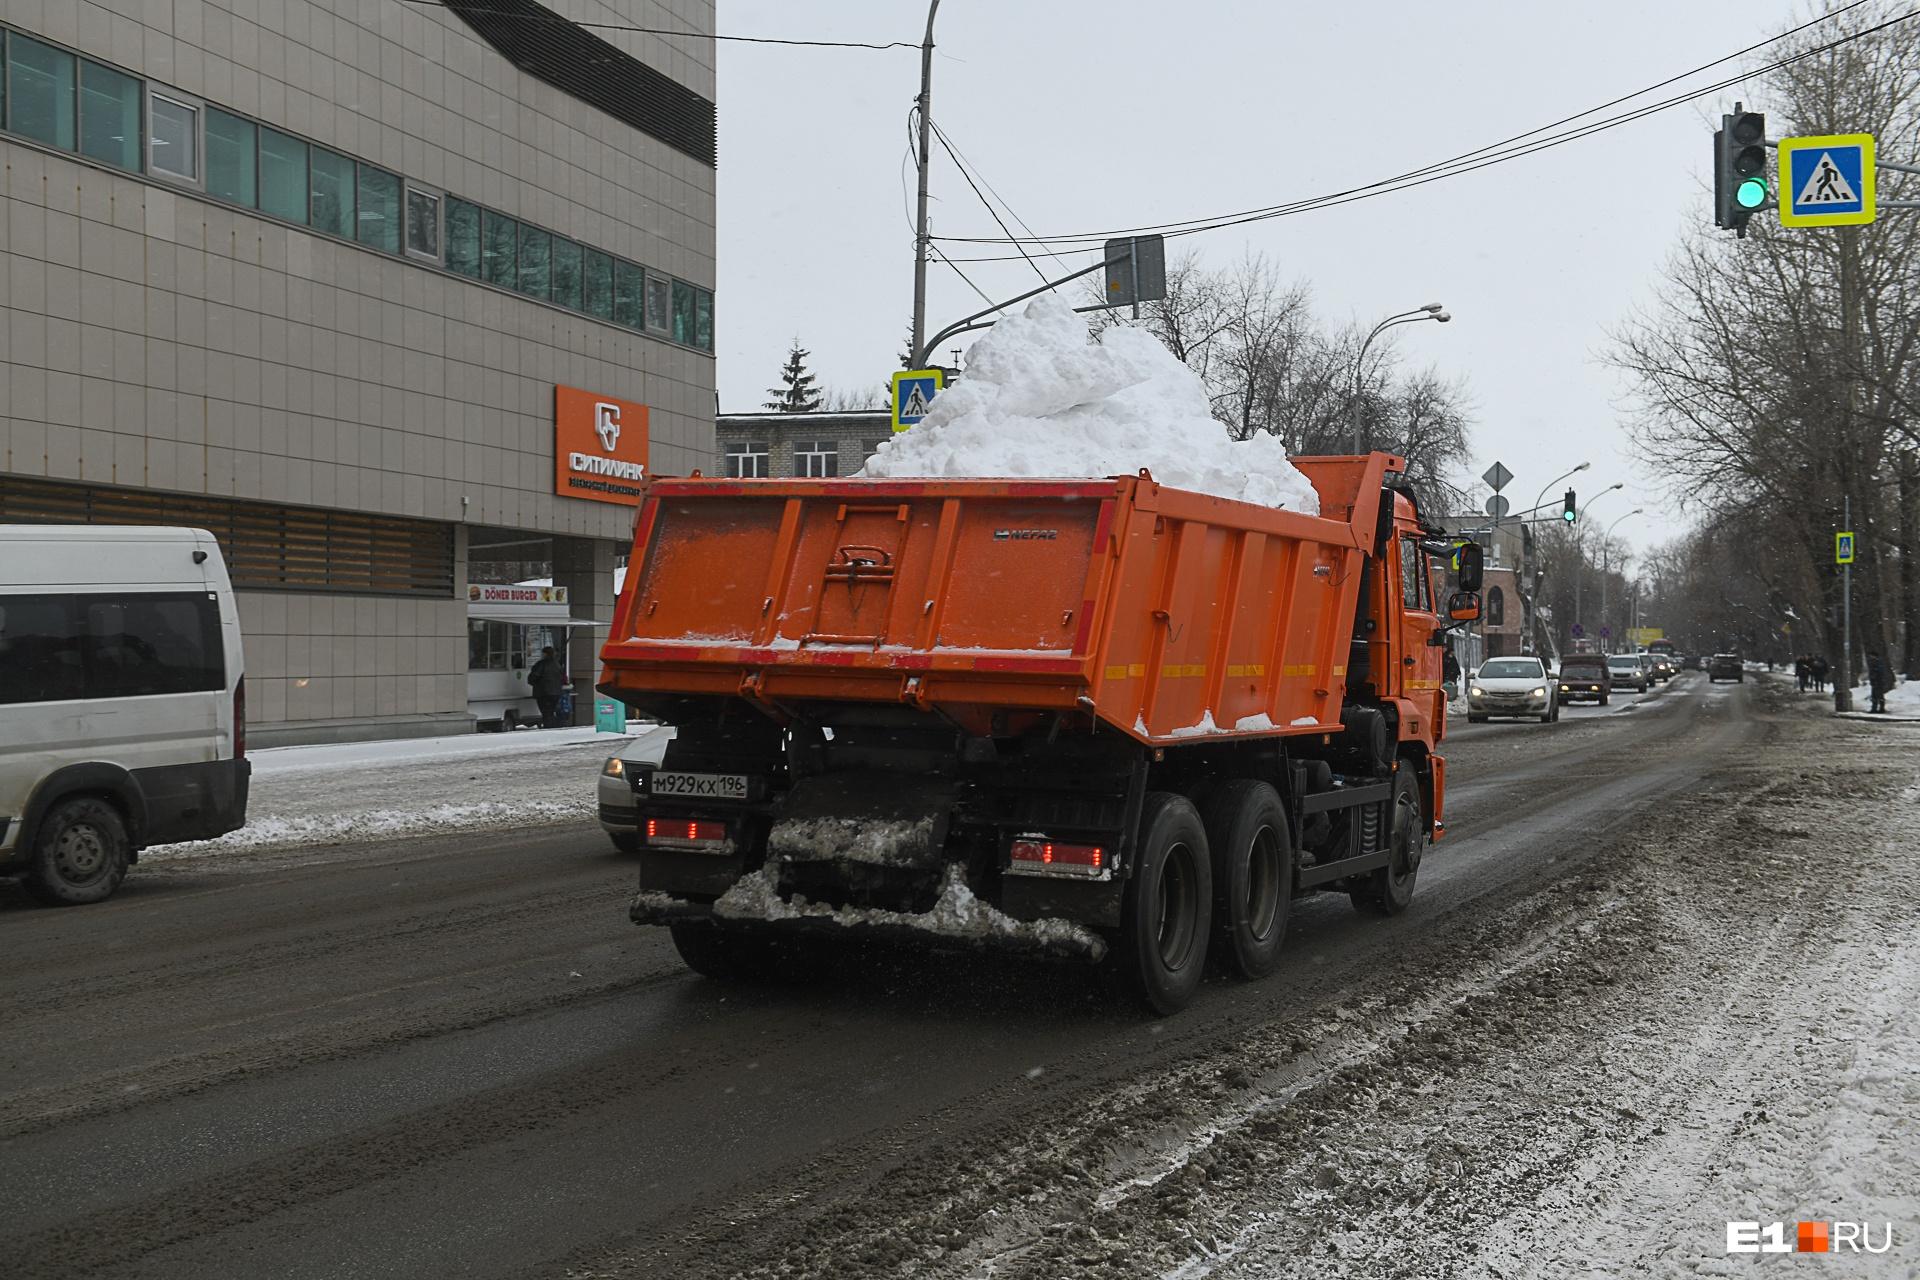 Подрядчики не всегда выставляют на дороги столько грузовиков, сколько должны выставлять по договору